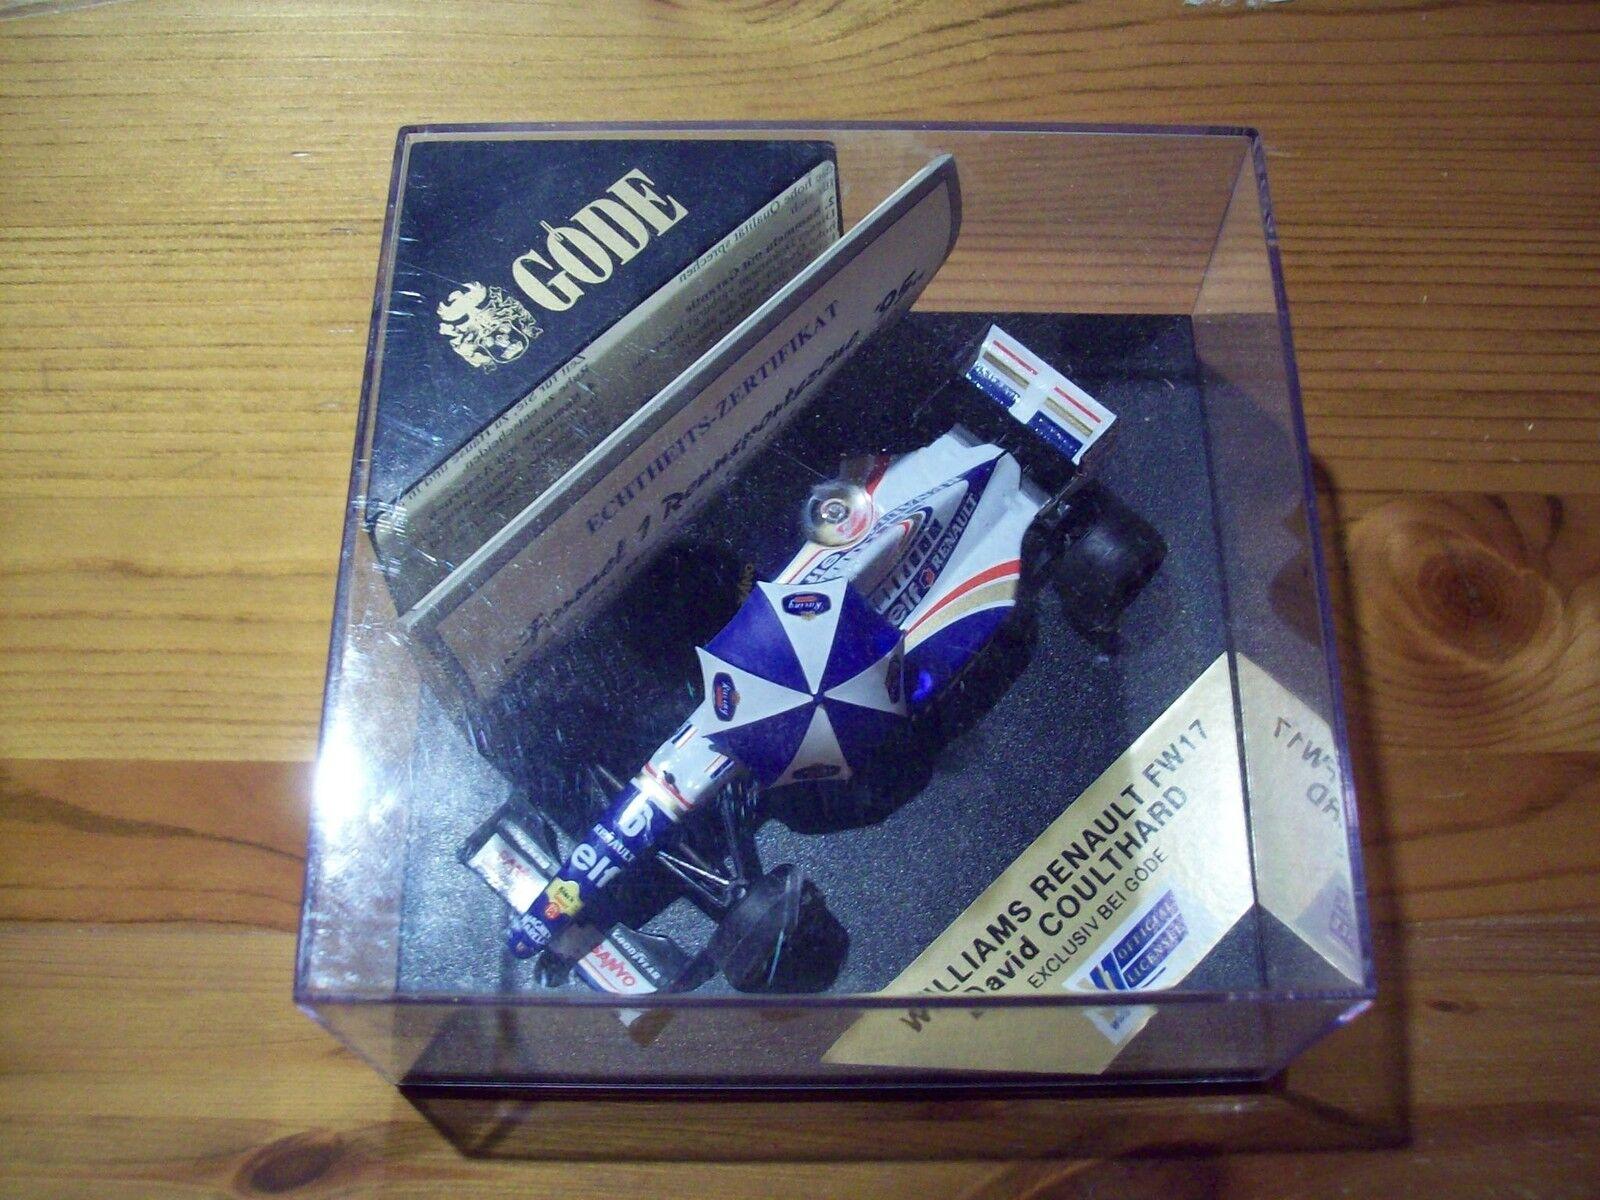 1 43 GODE WILLIAMS RENAULT FW17 DAVID COULTHARD 1995 blueE WHITE UMBRELLA